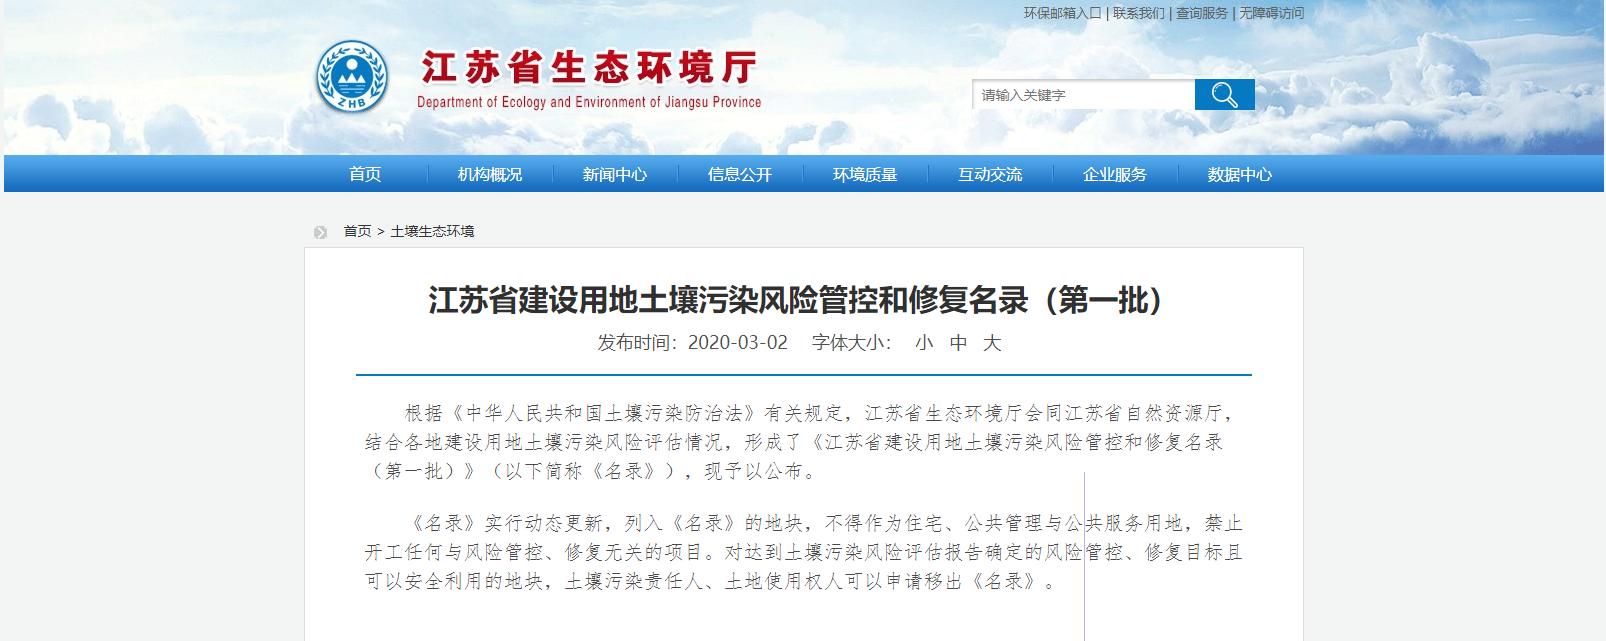 江苏省建设用地土壤污染风险管控和修复名录(第一批)